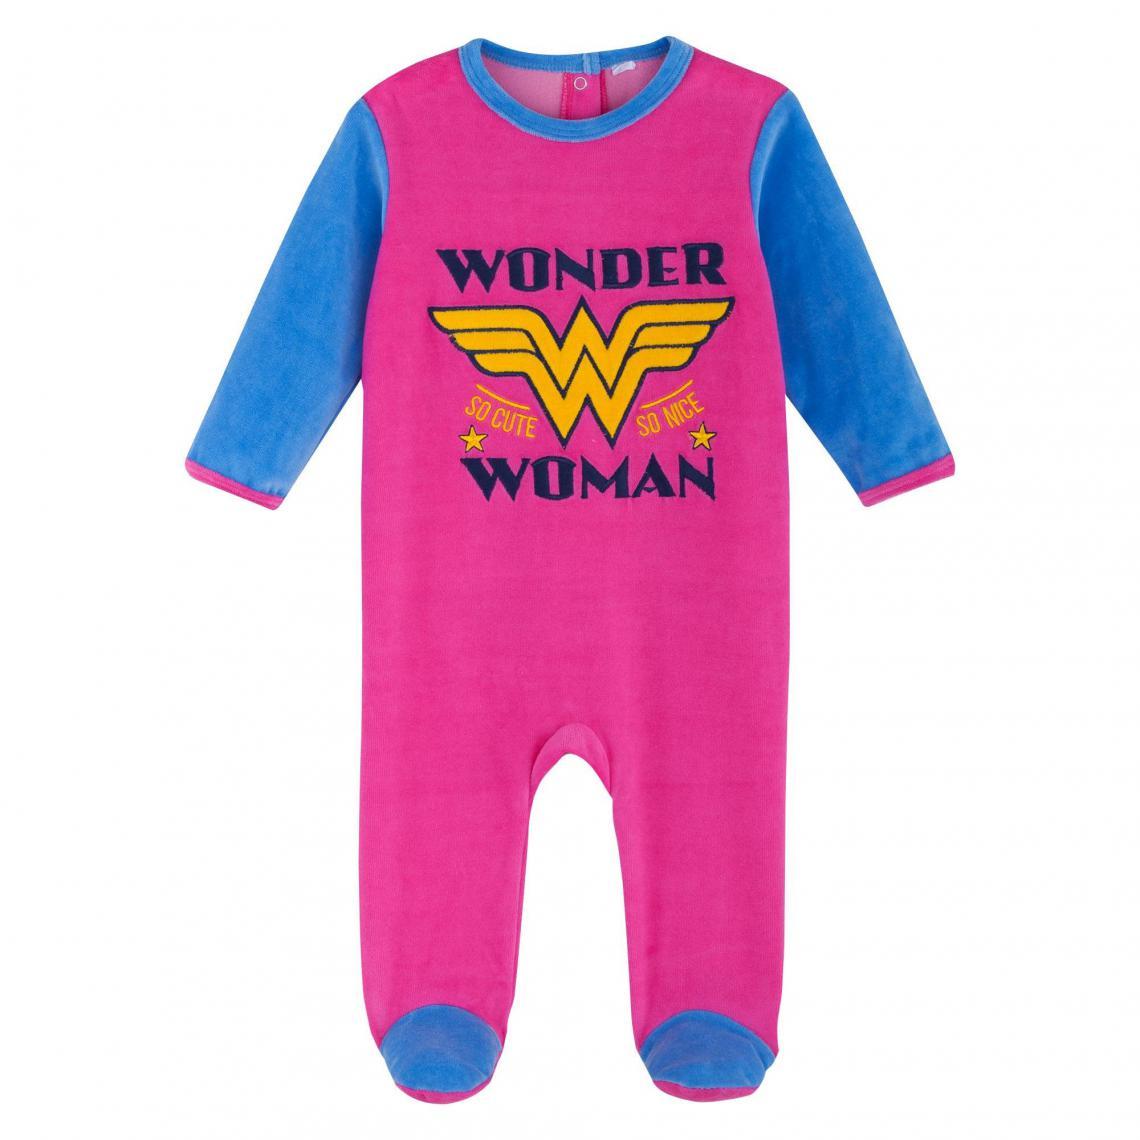 Dors-bien velours brodé bébé fille Wonder Woman - Rose Wonder Woman Enfant c7a6ab97ac2